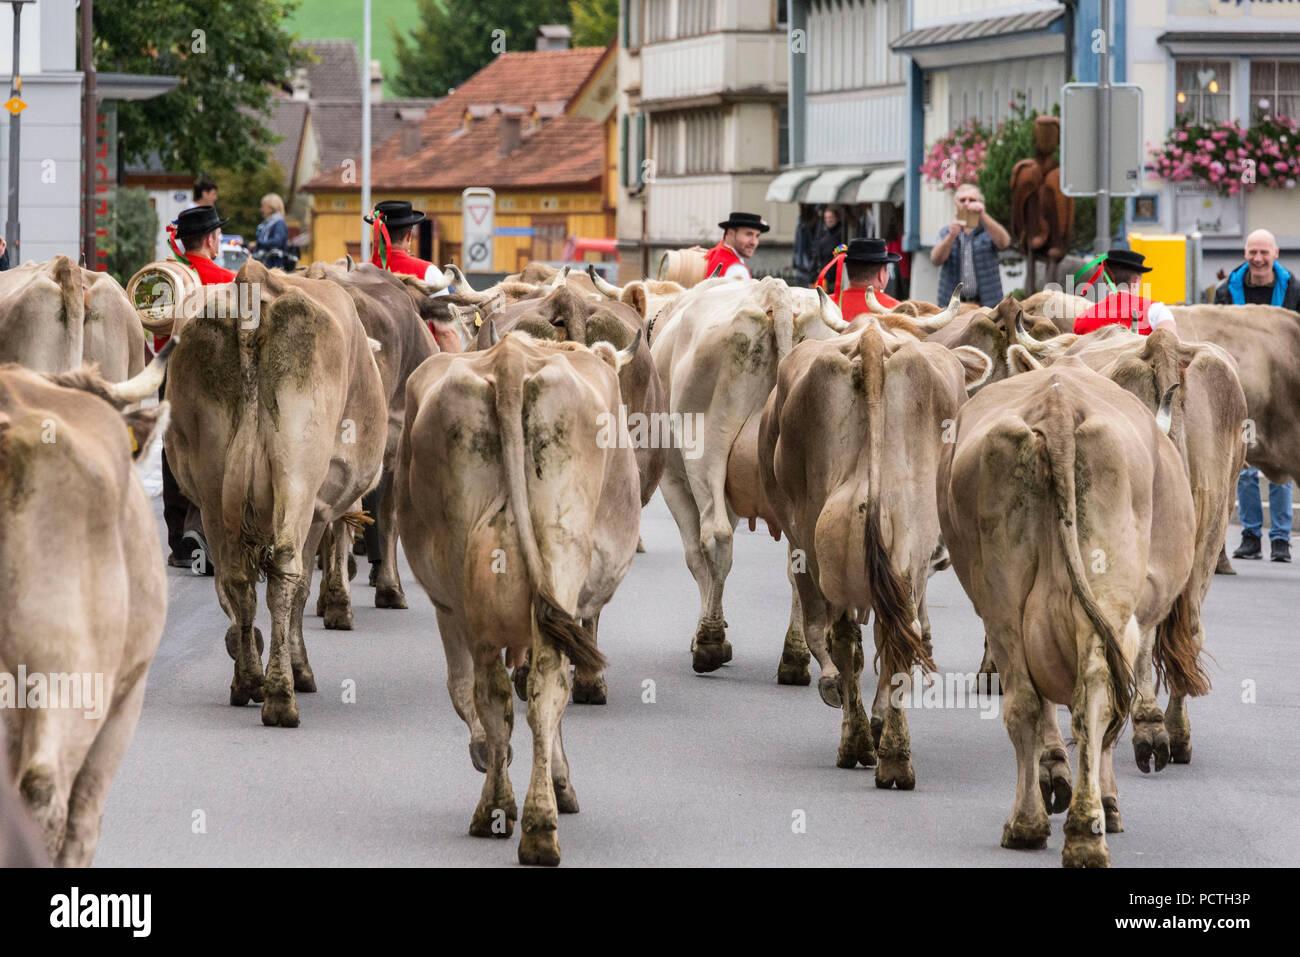 Herde von Rindern während der alpabzug in Urnäsch, Appenzeller Land, Kanton Appenzell Ausserrhoden, Schweiz Stockbild